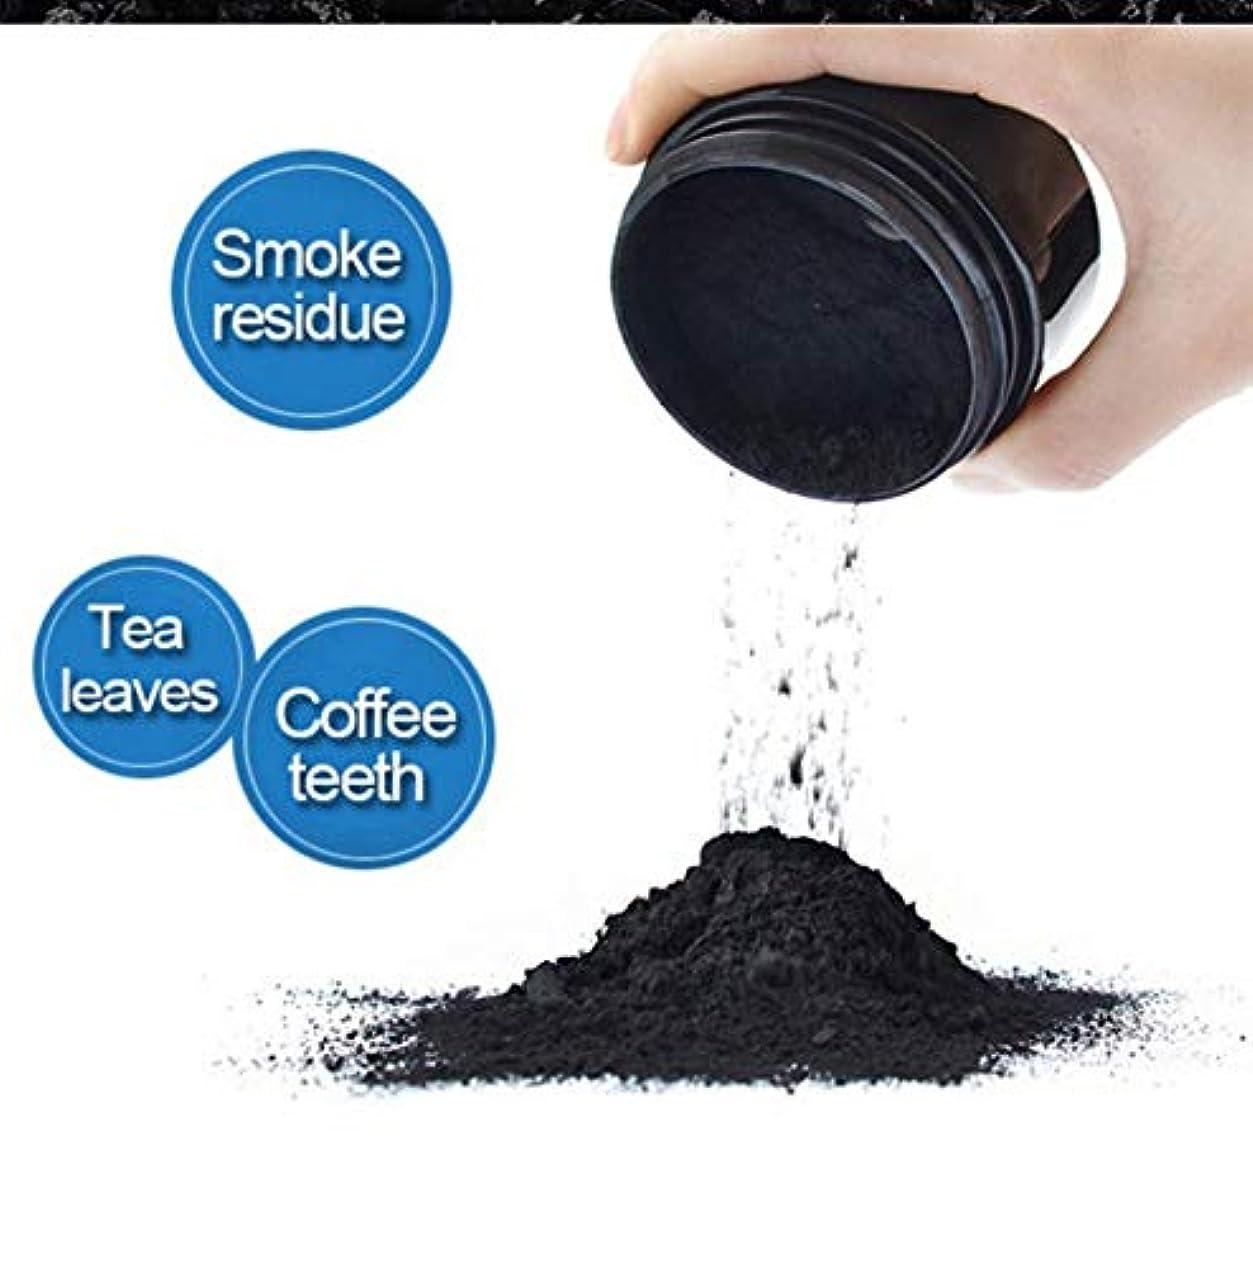 下に深い燃やすDaily Use Teeth Whitening Scaling Powder Oral Hygiene Cleaning Packing Premium Activated Bamboo Charcoal Powder...